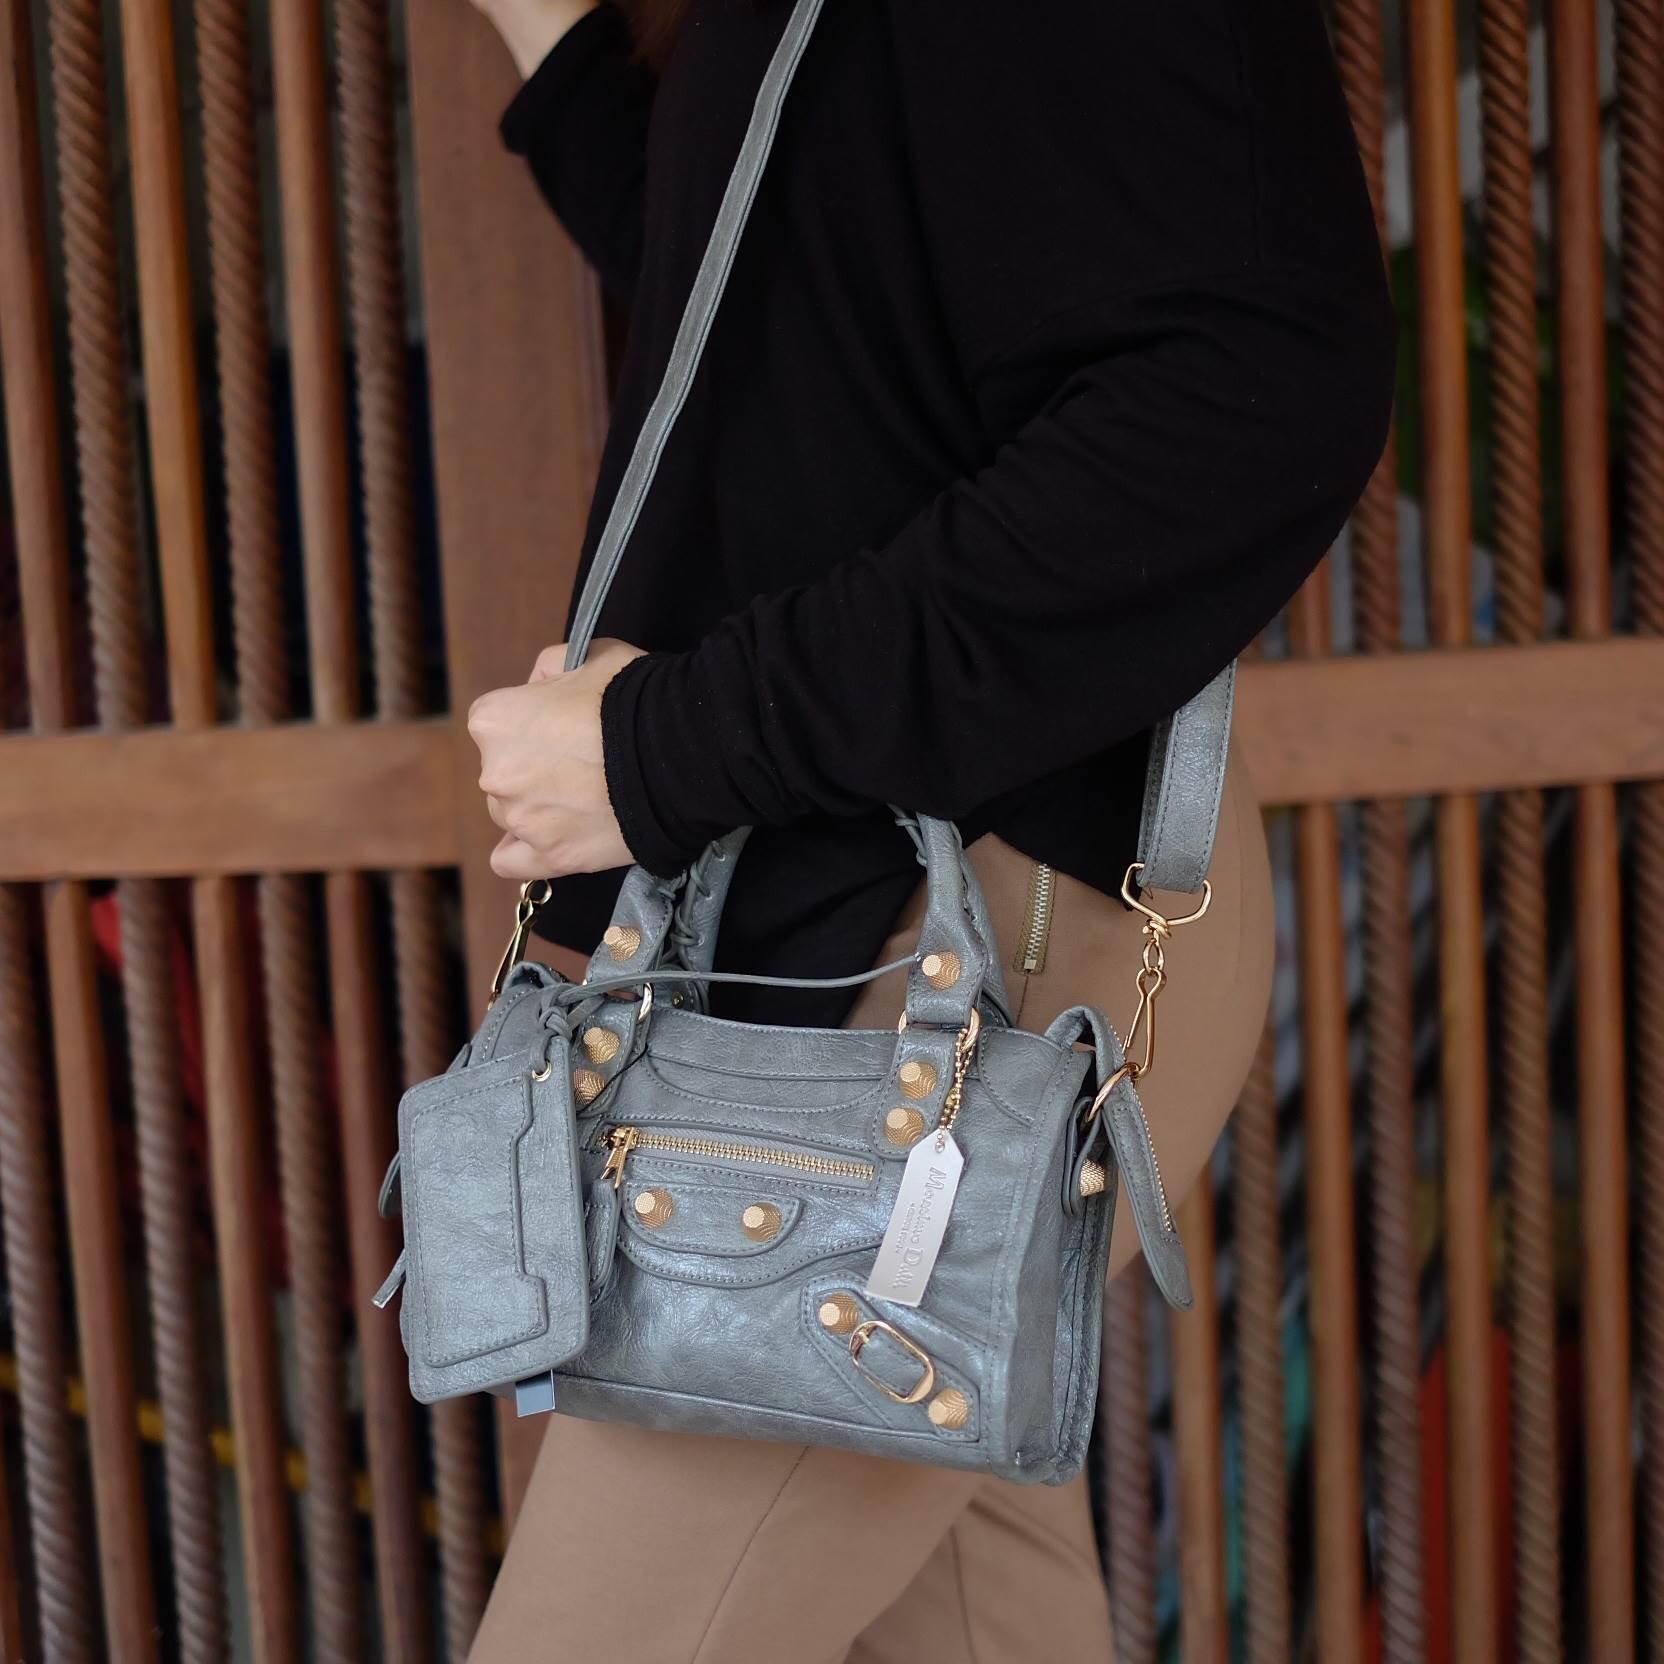 กระเป๋าทรงสุด ฮิตจาก Massimo Dutti ขนาดมินิ สะพายแล้ว ได้ look cool มากค่า